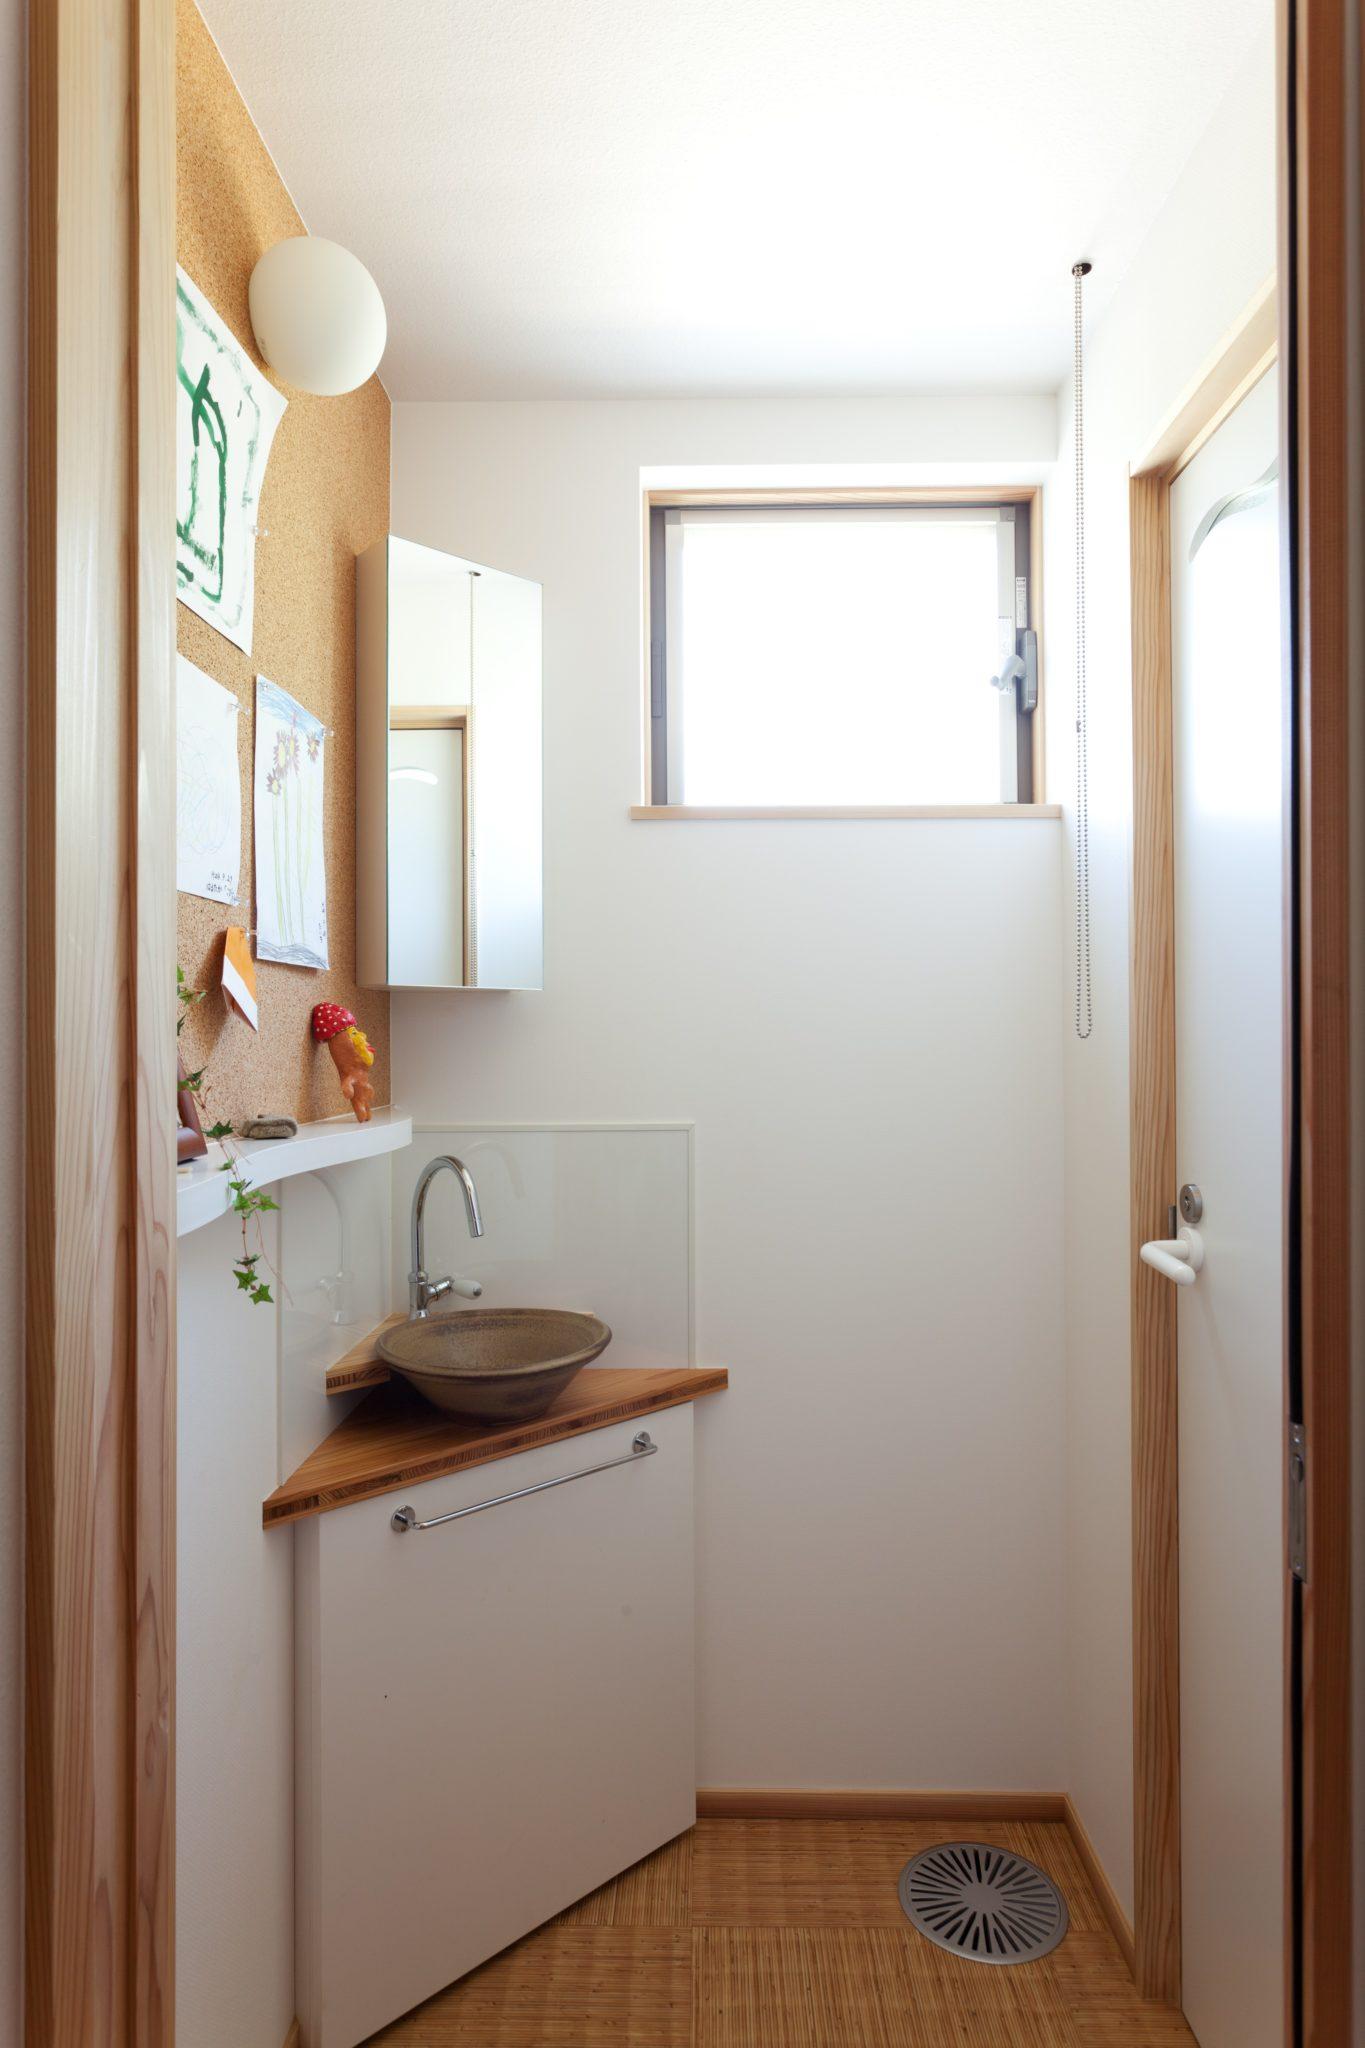 トイレ手洗いは 大谷焼 森陶器の手水鉢 掲示板あり